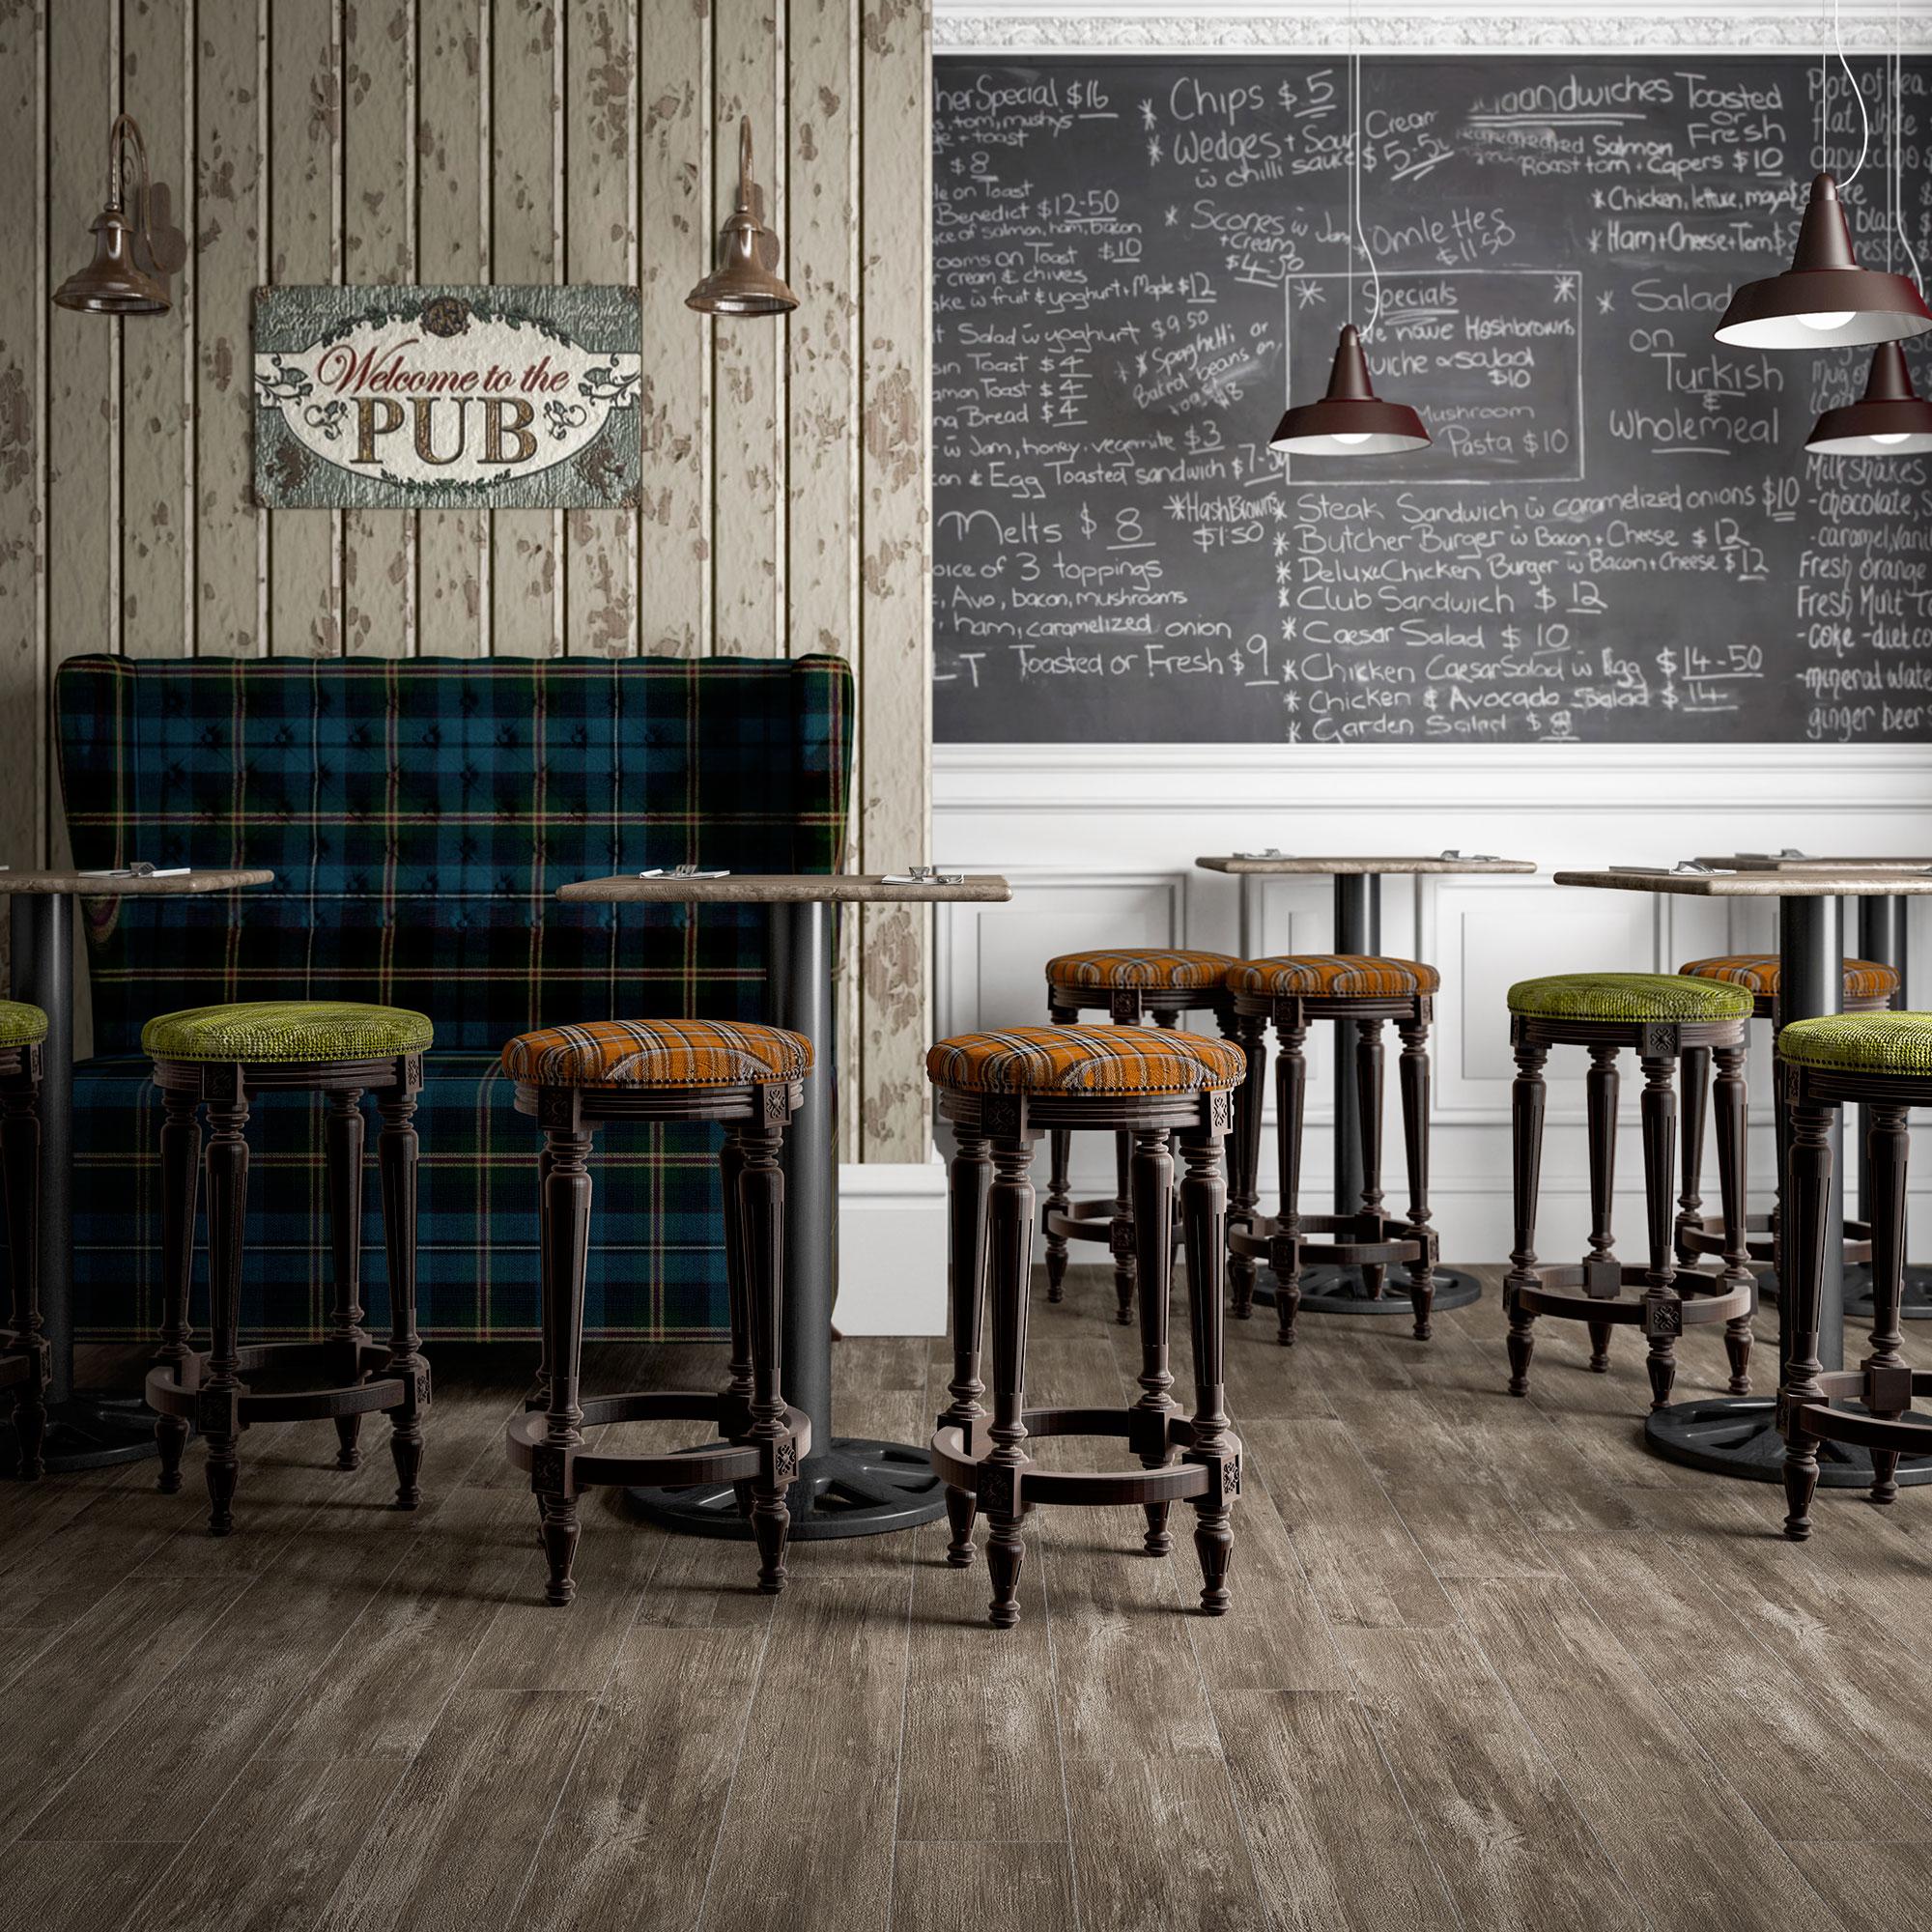 i 980261b ipswich bathroom and tile centre. Black Bedroom Furniture Sets. Home Design Ideas